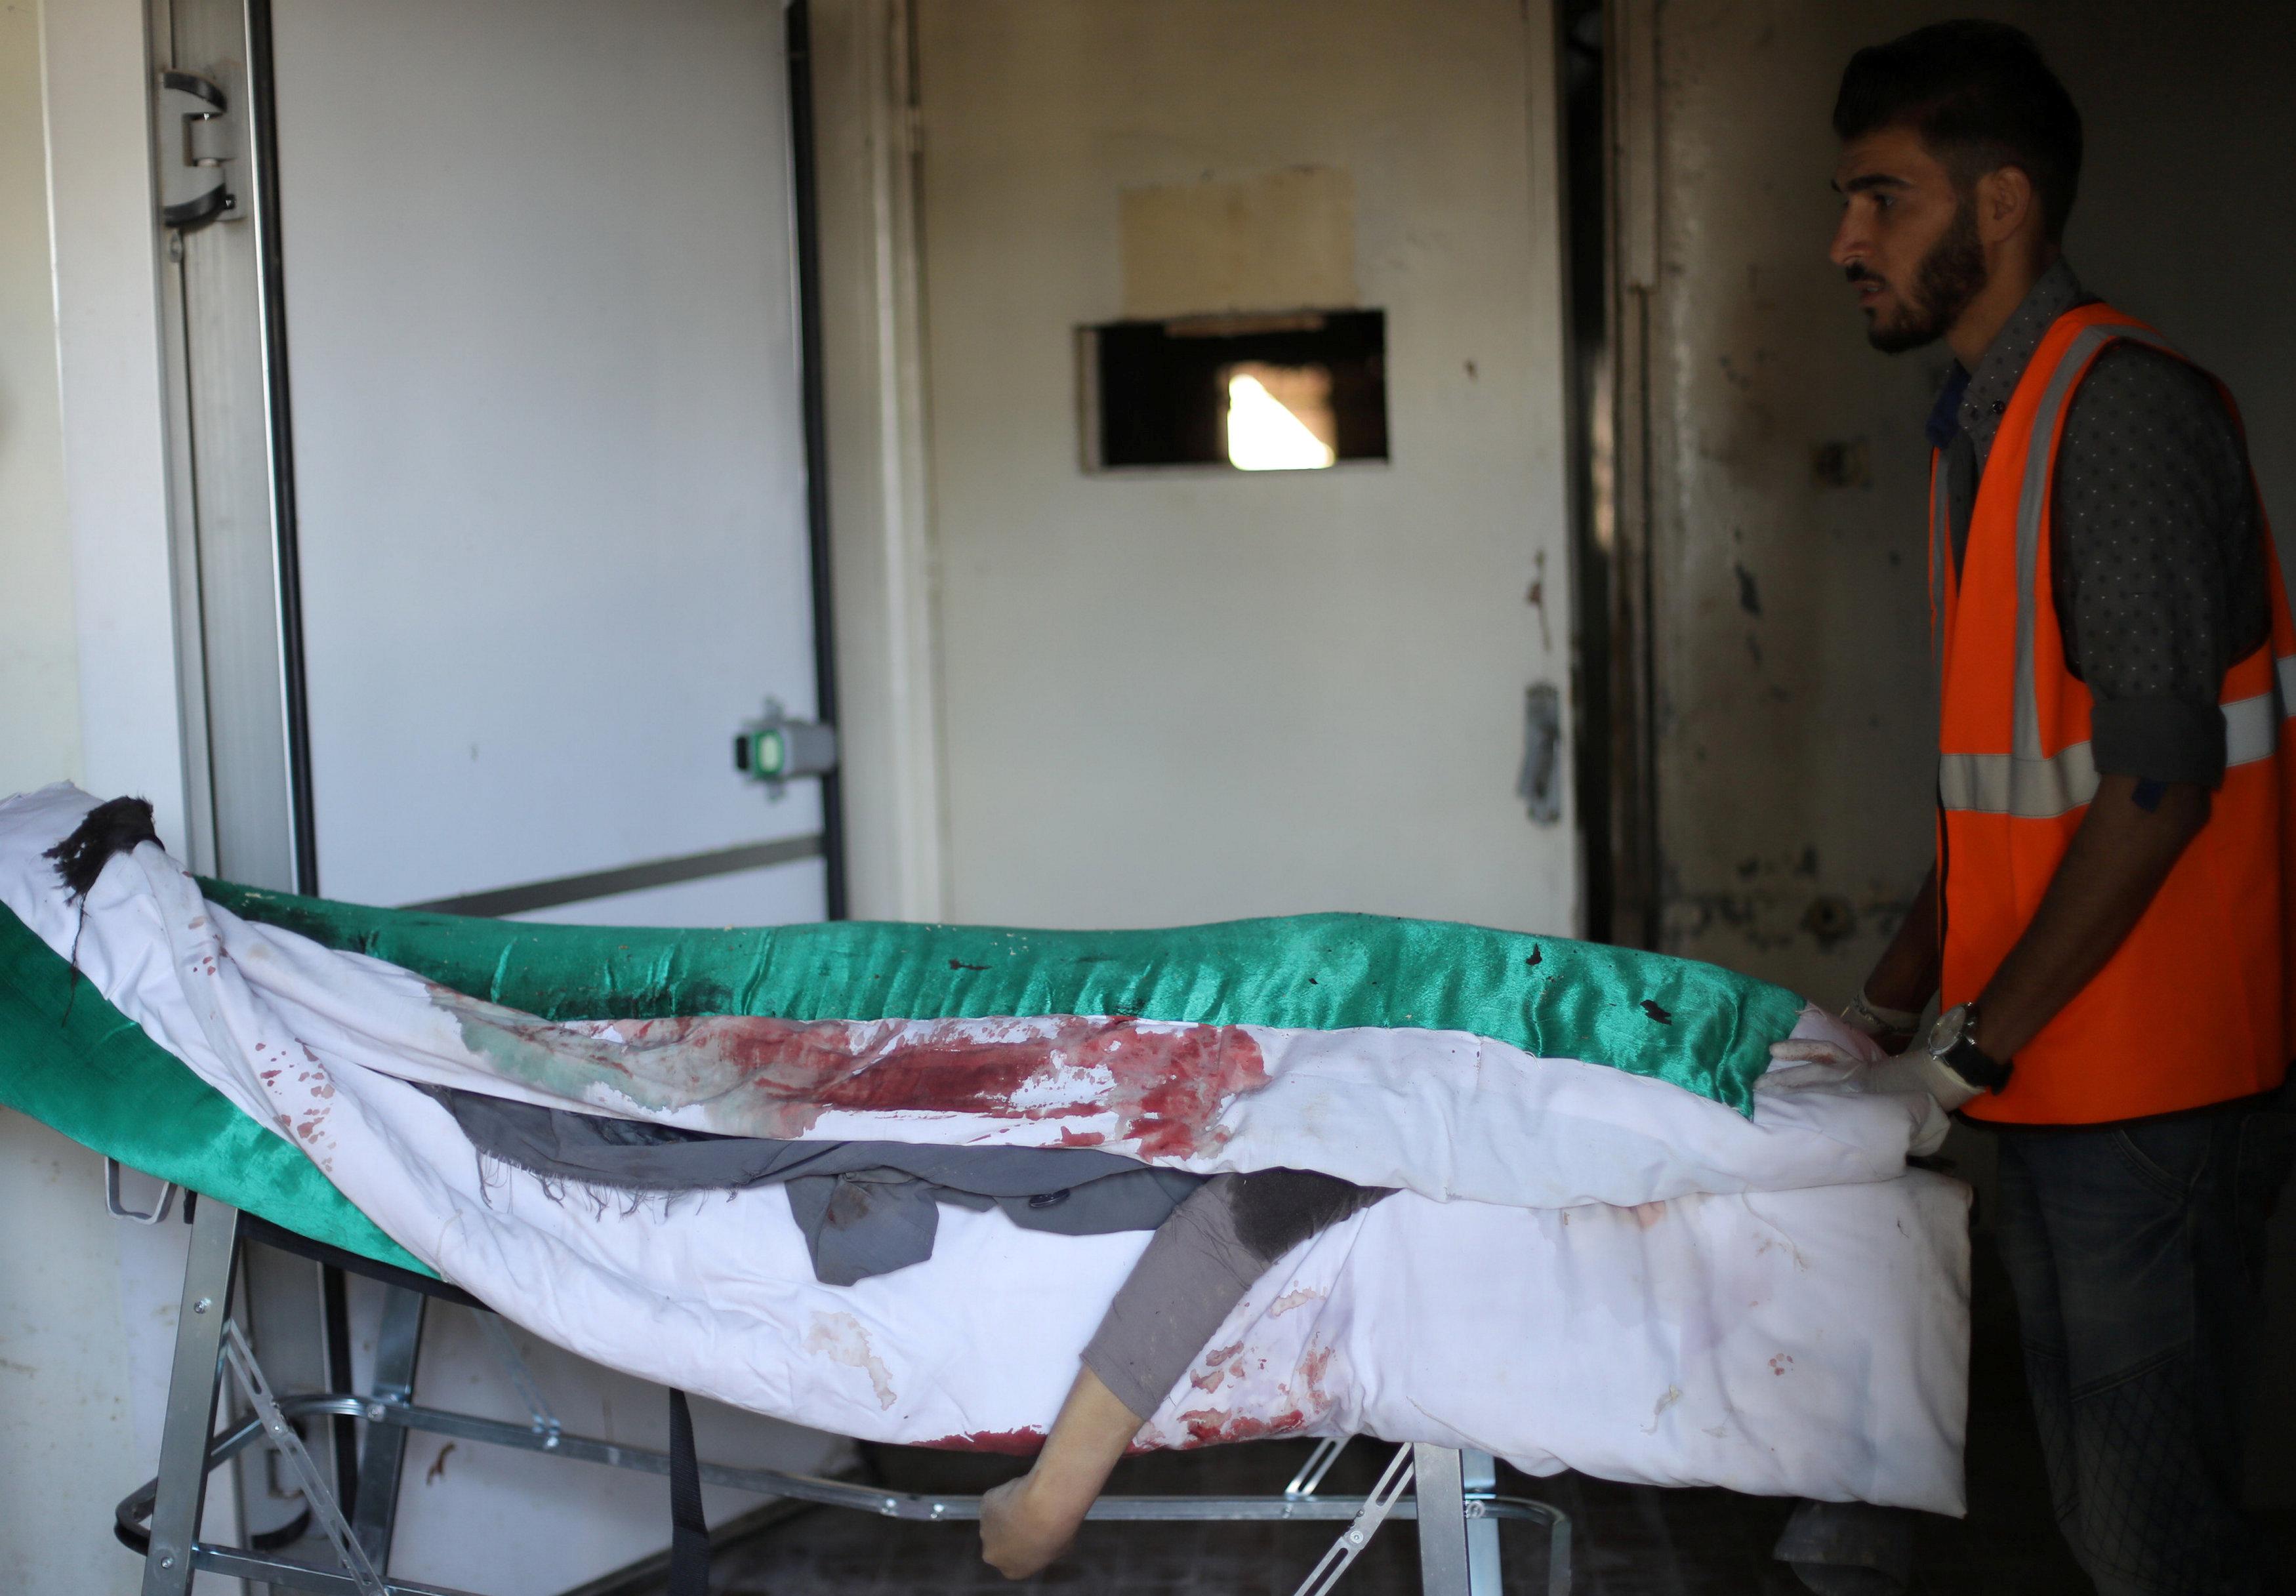 Συρία: Τουλάχιστον 38 είναι οι νεκροί από την επιθέσεις